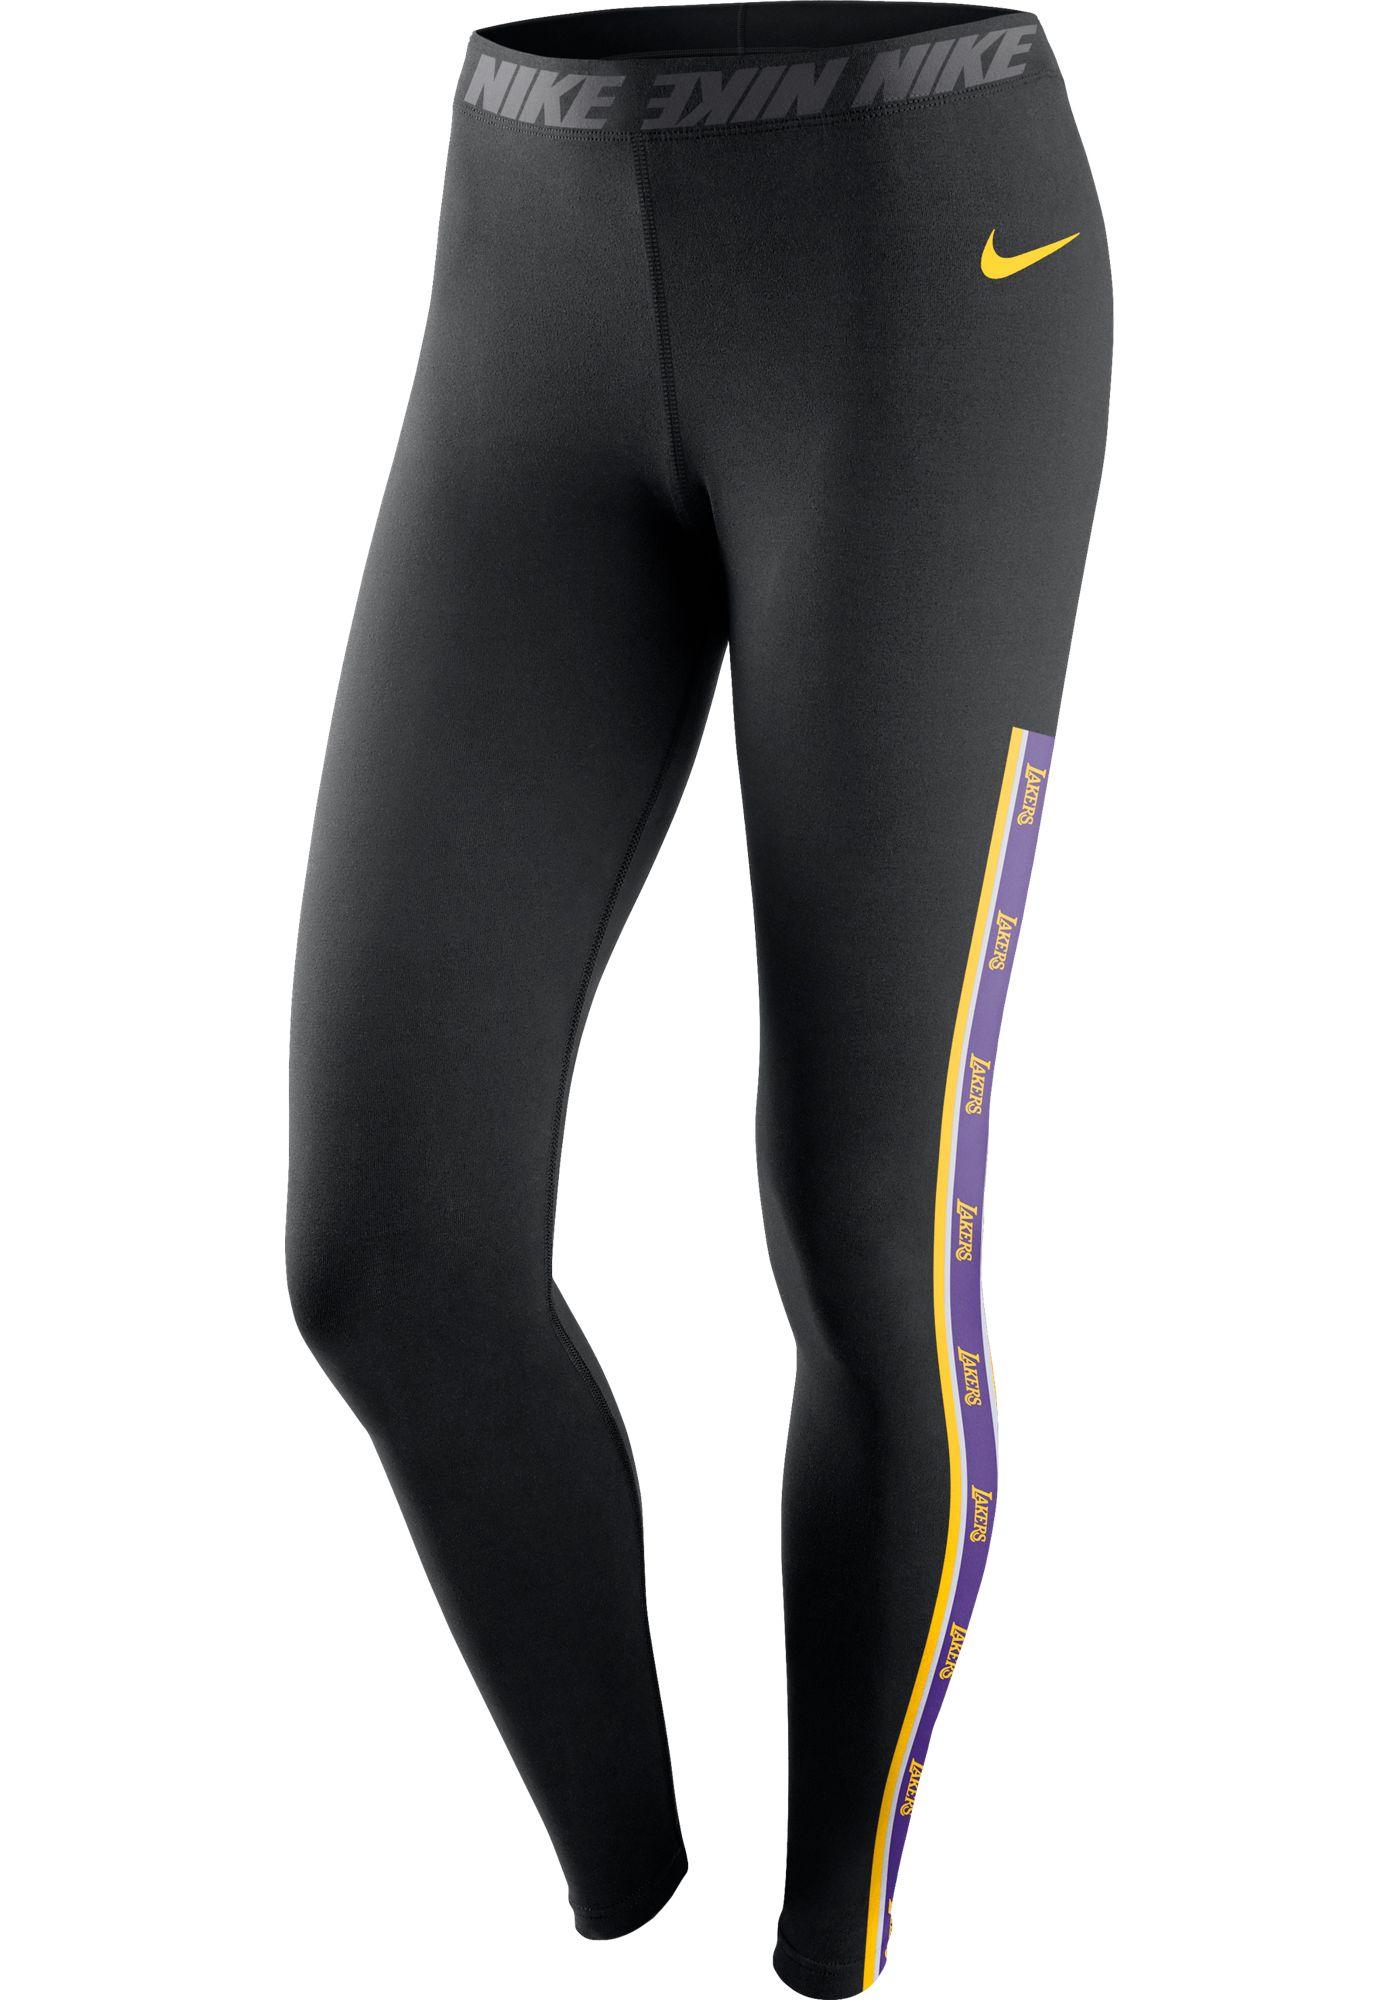 Nike Women's Los Angeles Lakers Black Leggings